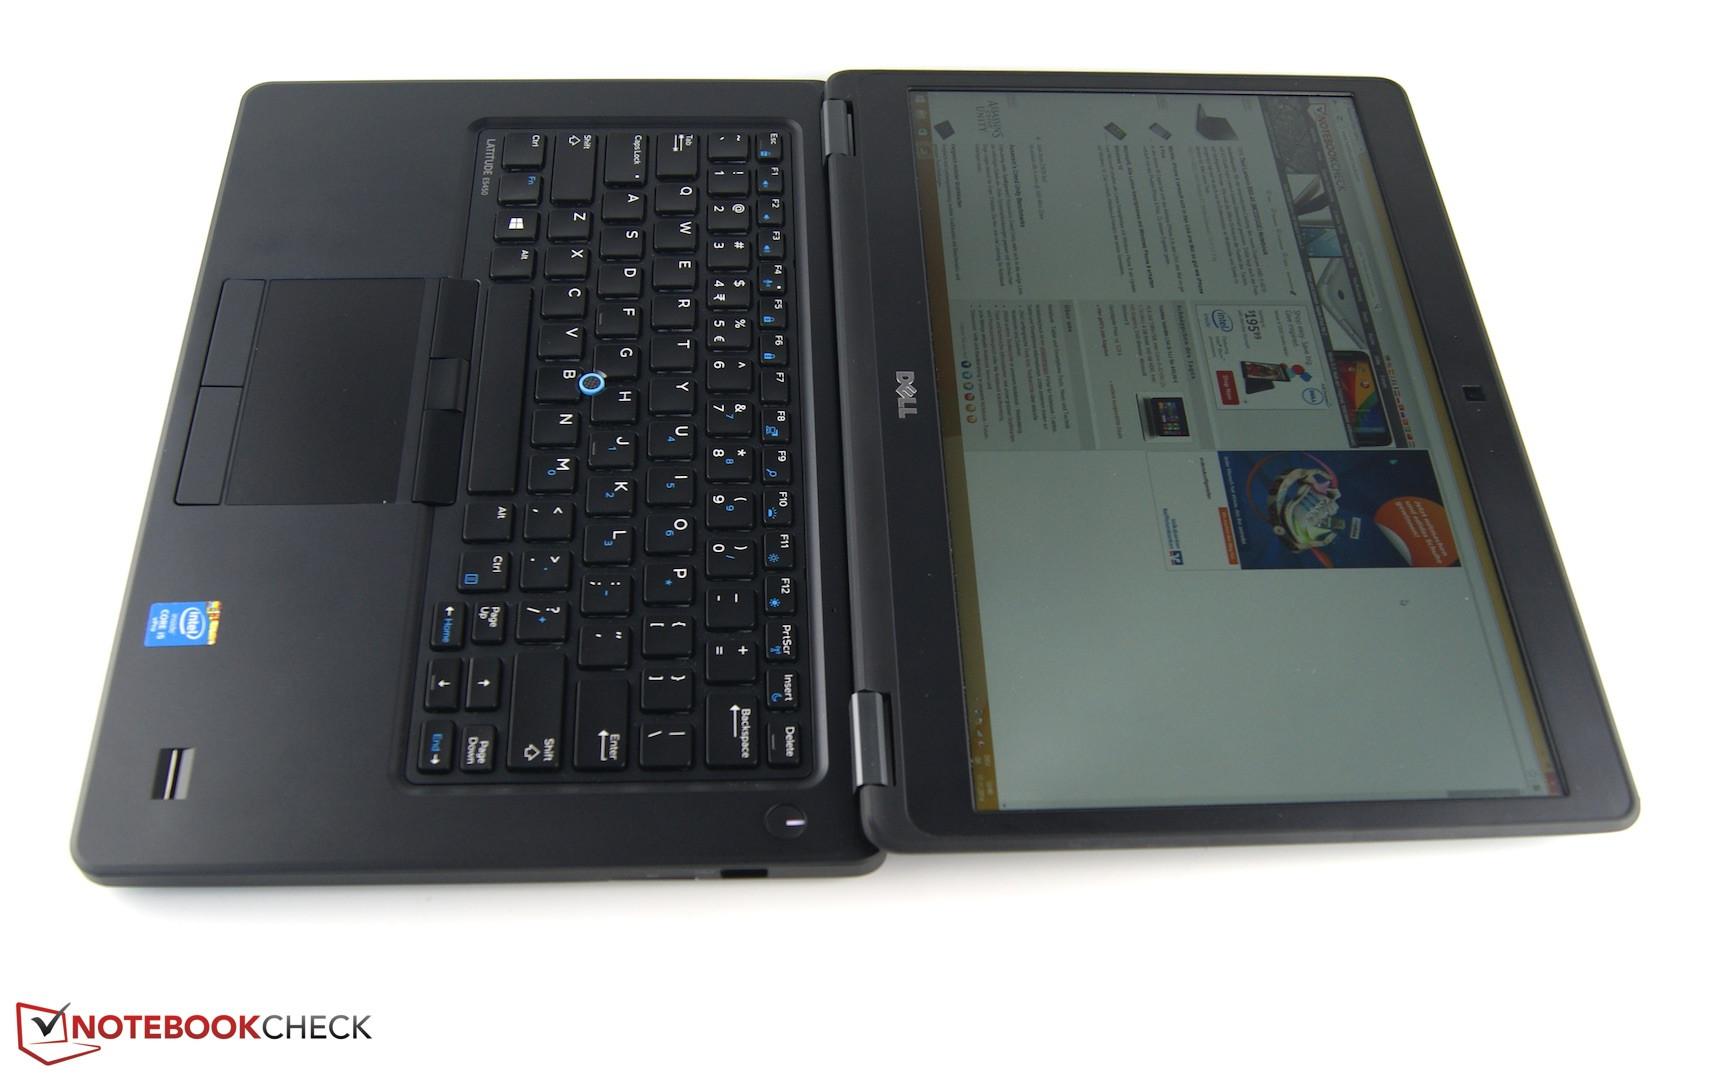 dell latitude 14 e5450 notebook review